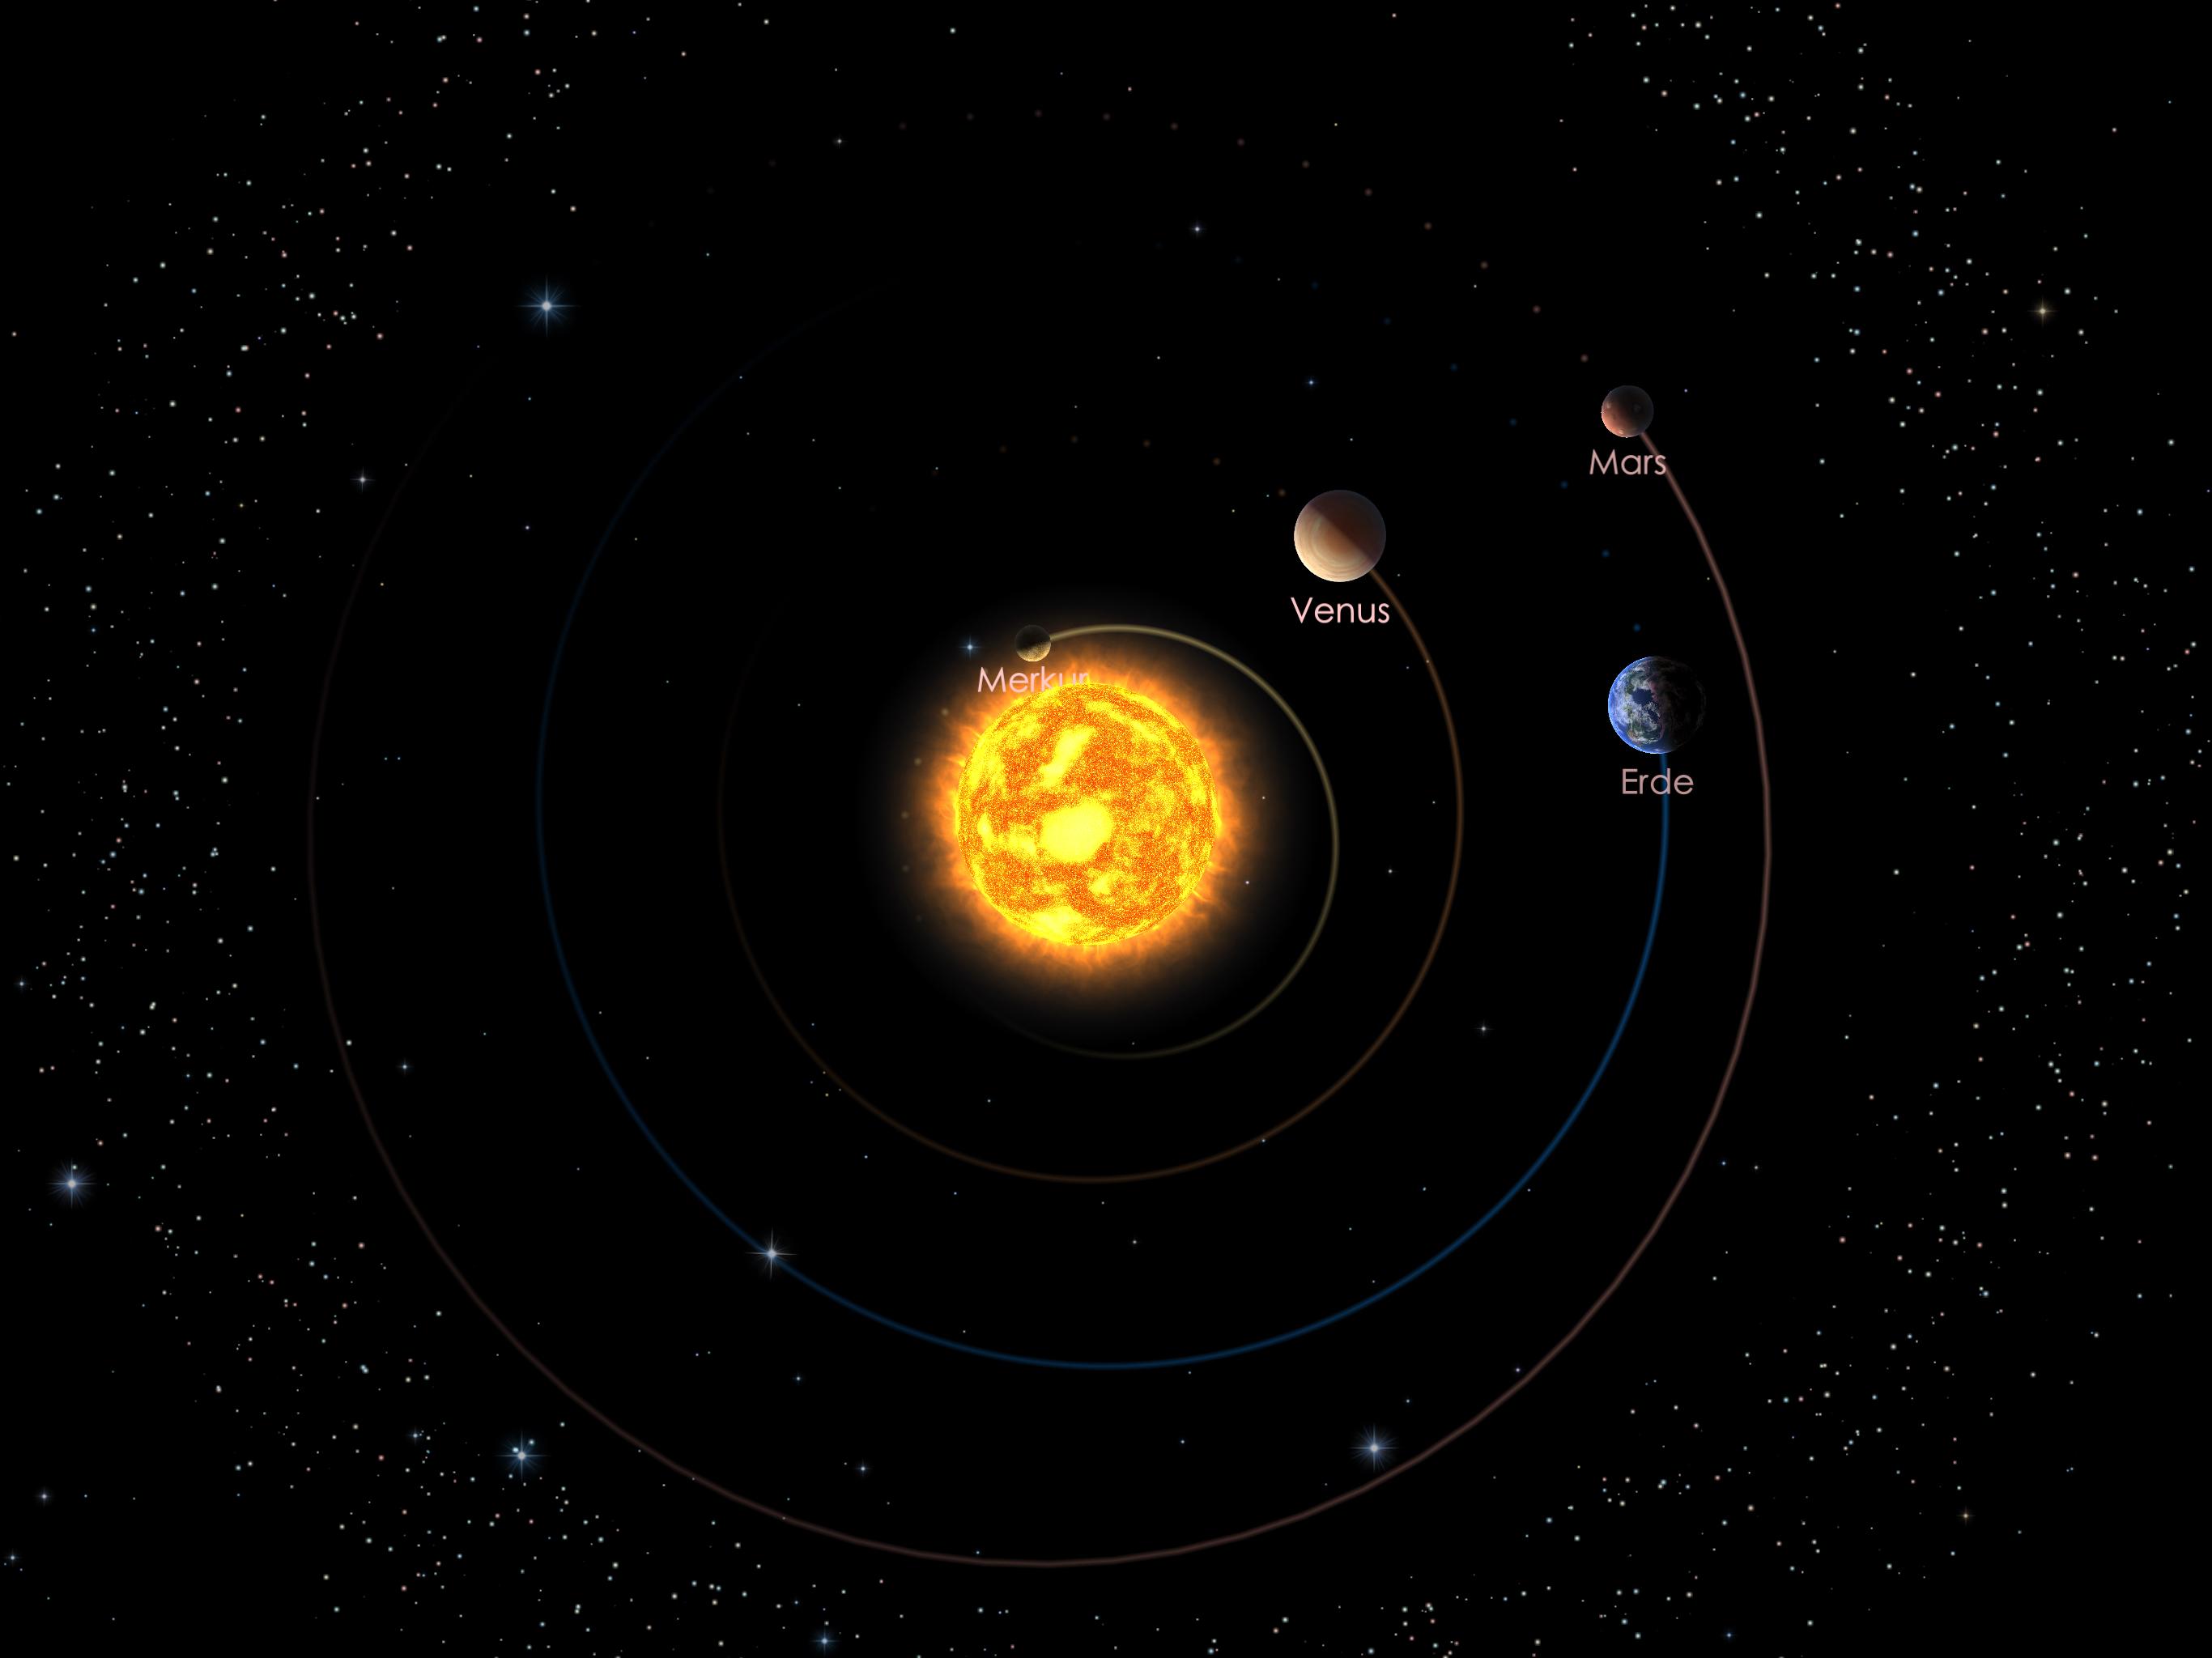 Die Positionen der inneren Planeten am 01.08.20